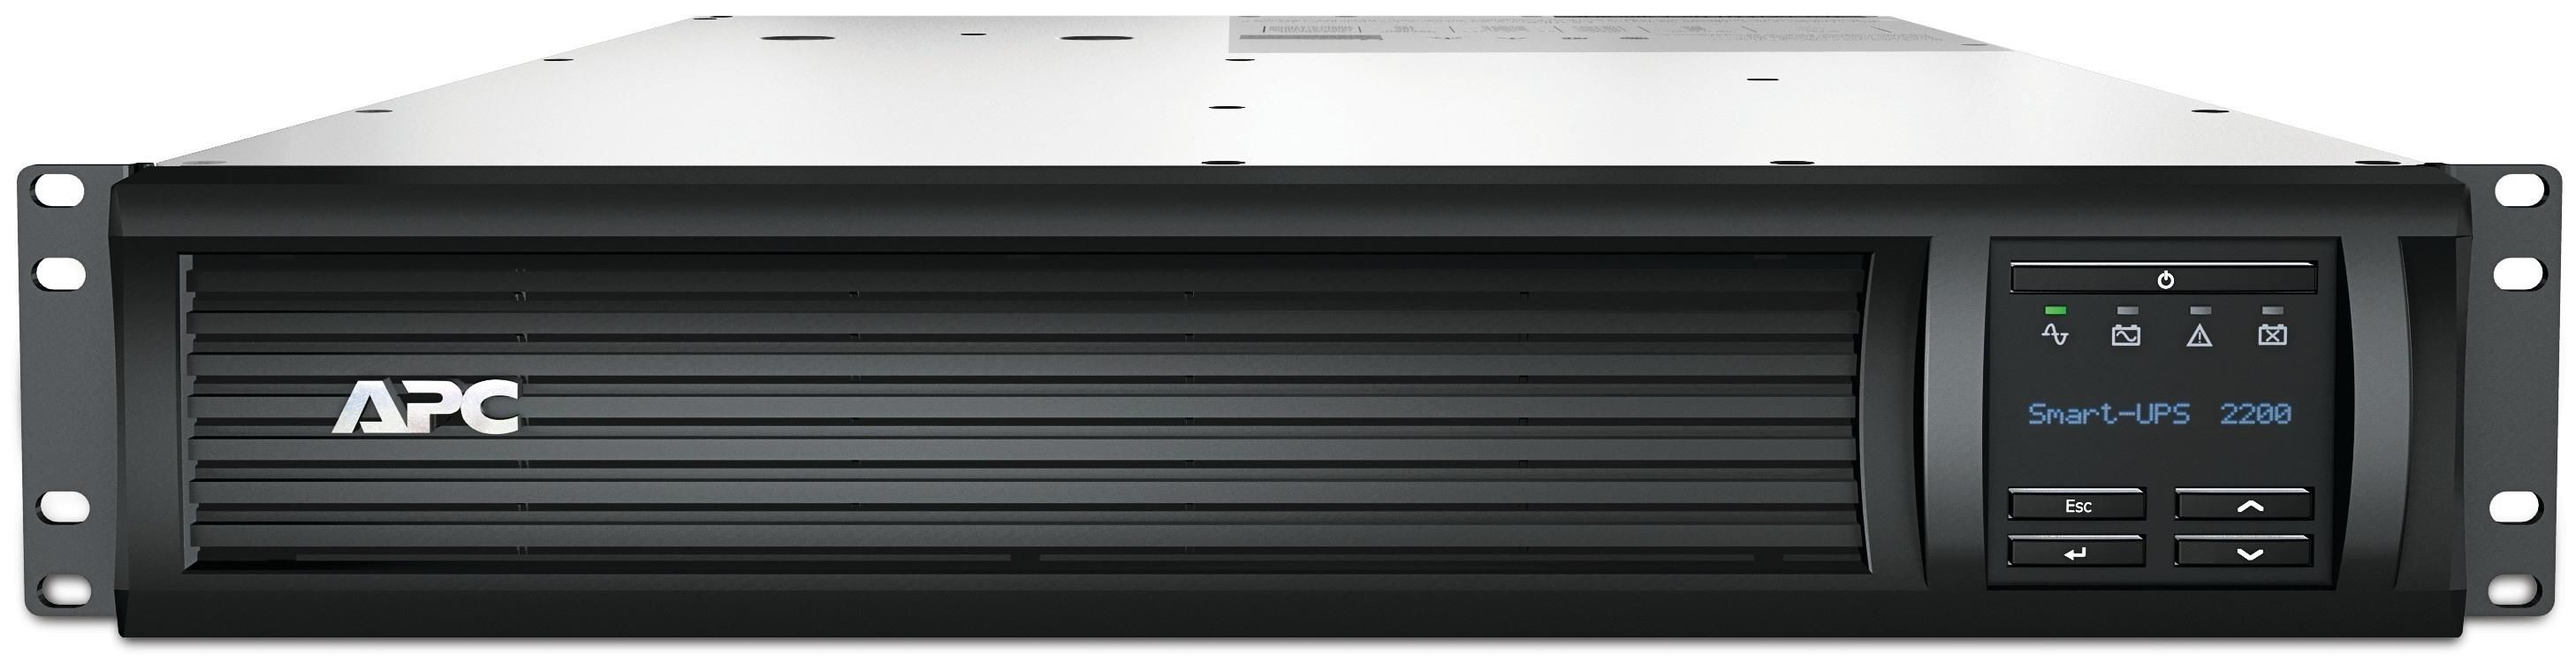 APC-by-Schneider-Electric-Smart-UPS-SMT2200RMI2UNC-Front